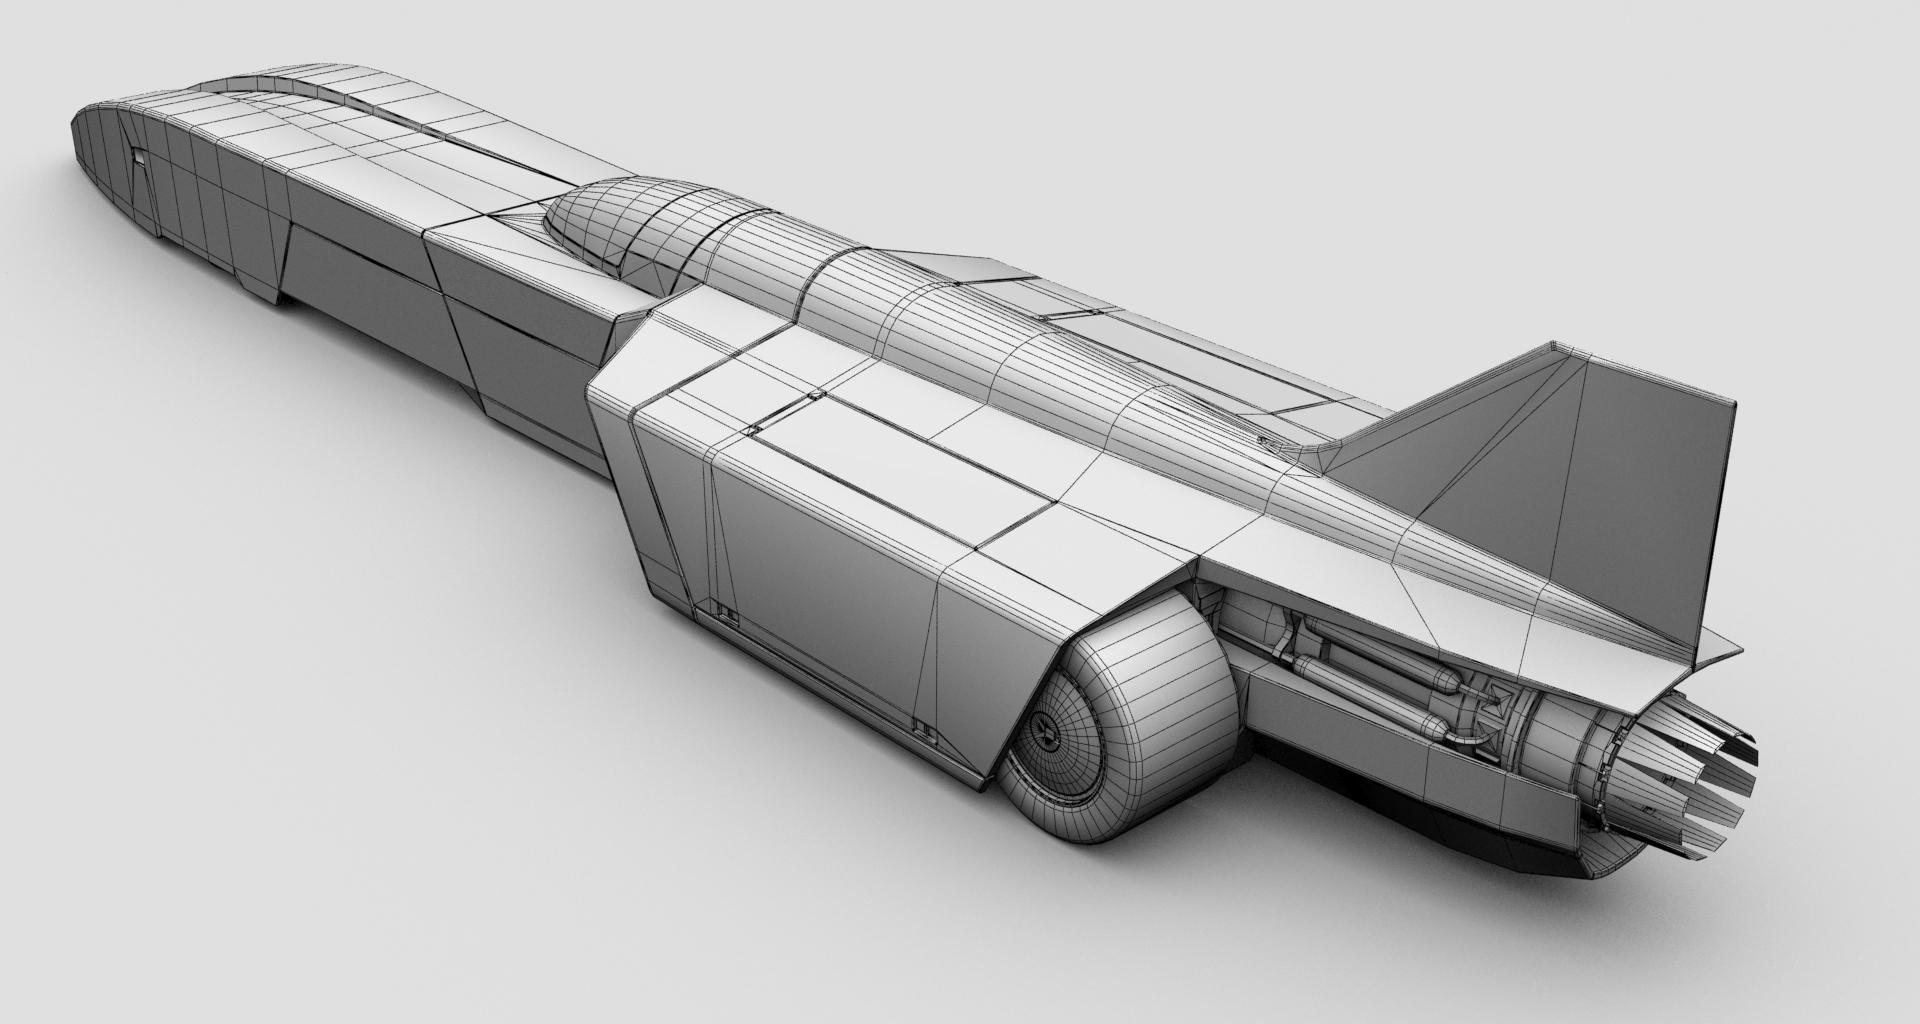 2012-10_The Crew_F.Beudin_Rocket-Car_AO_Rear_01